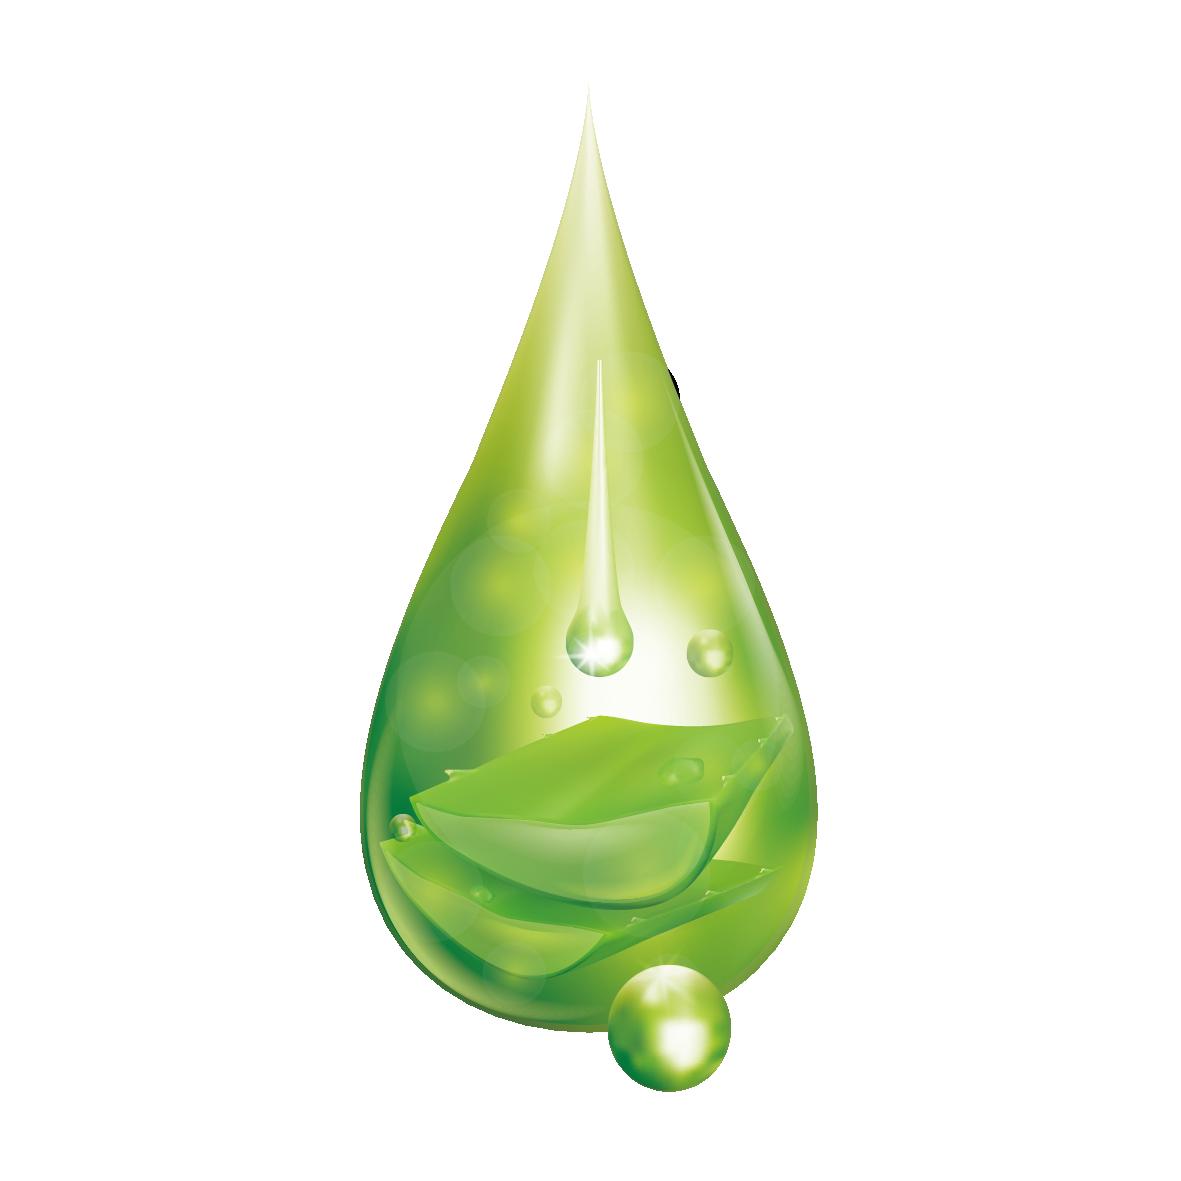 Leaf Water Dew Drop PNG Transparent Image